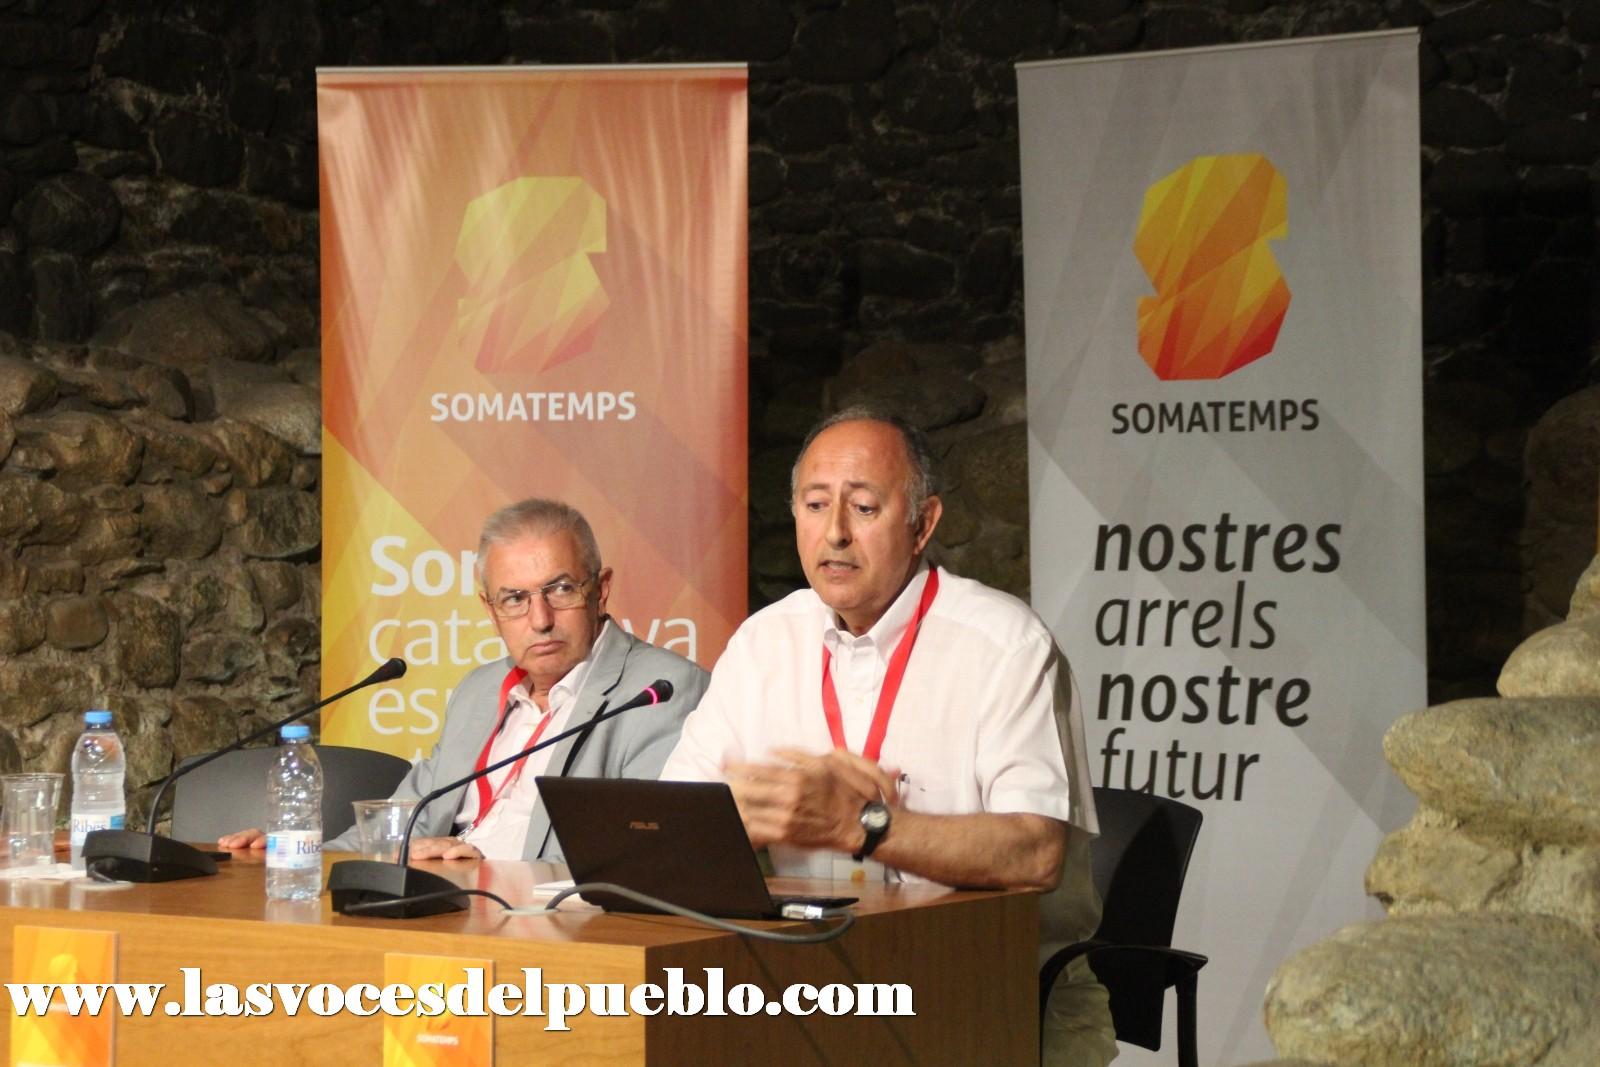 las voces del pueblo_I Congreso de Somatemps_Ripoll_Gerona (40)